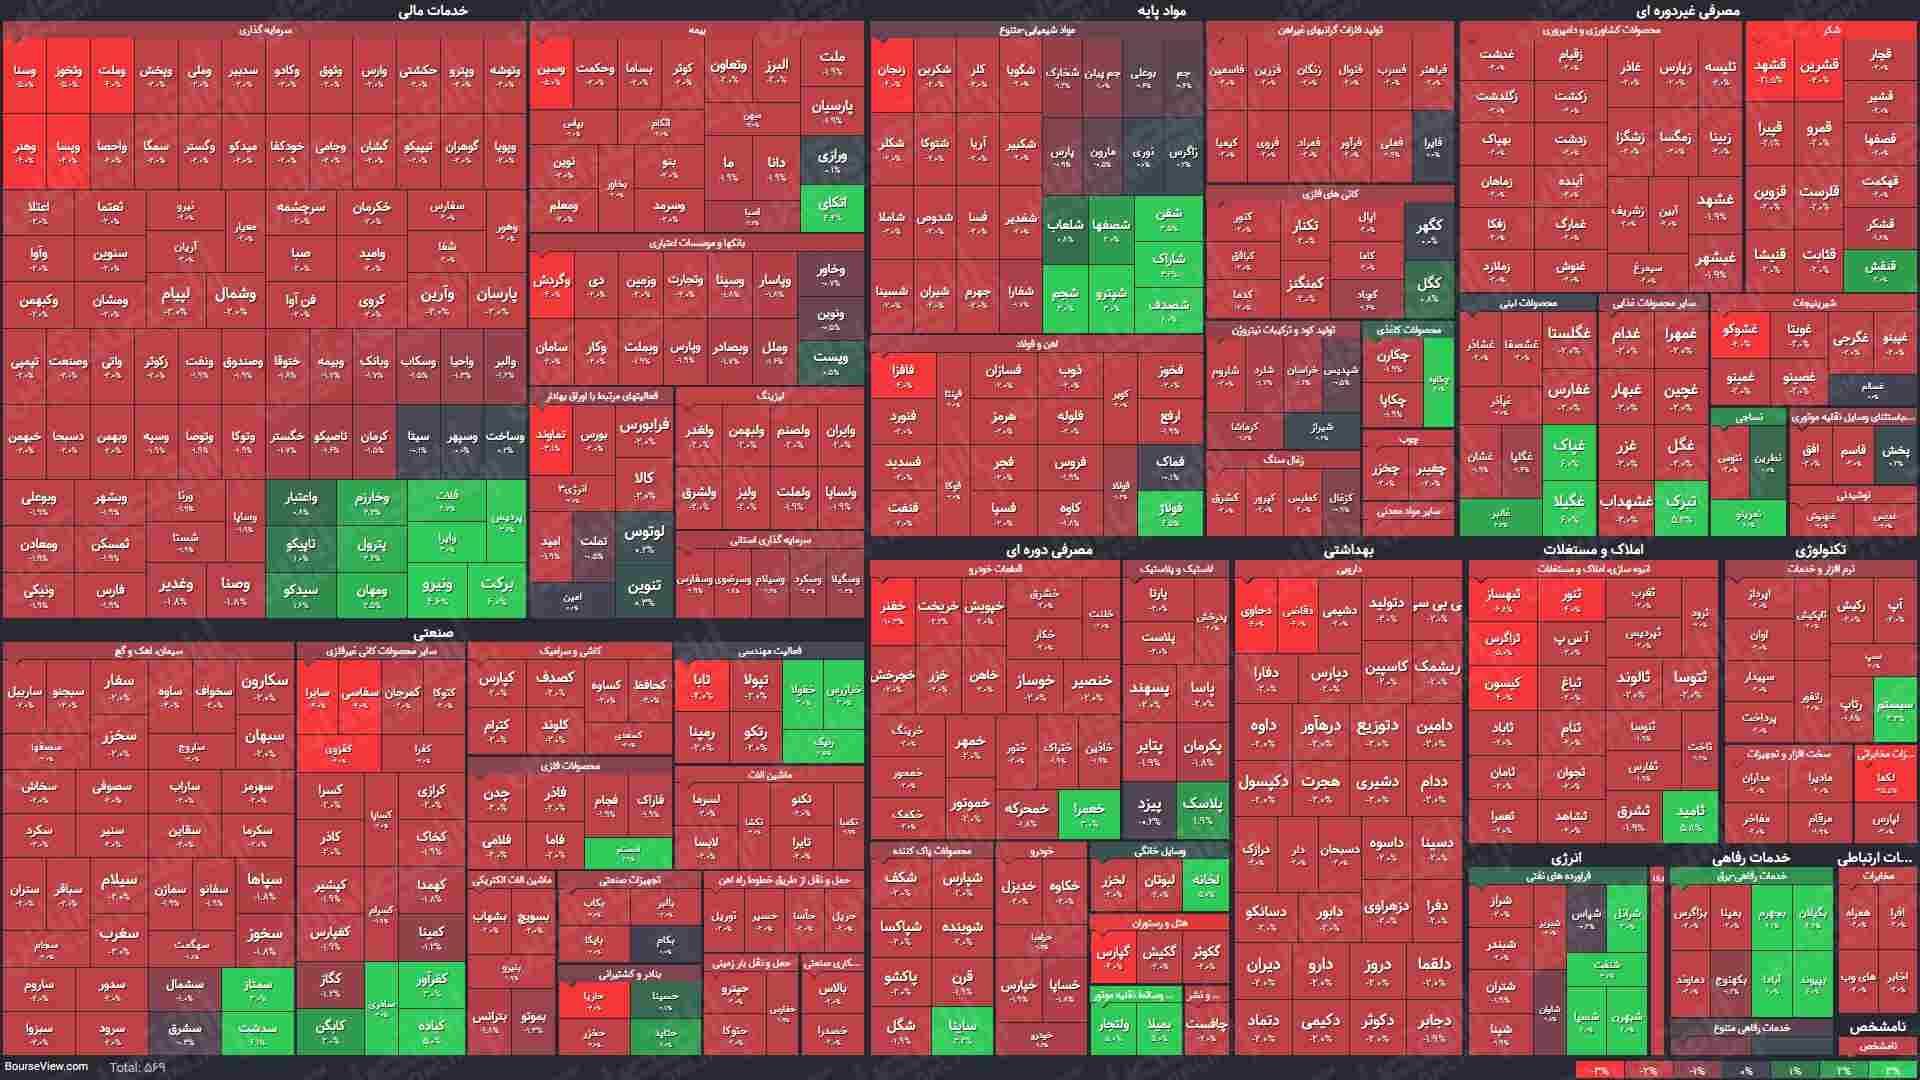 نقشه بازار LQ 99.12.16